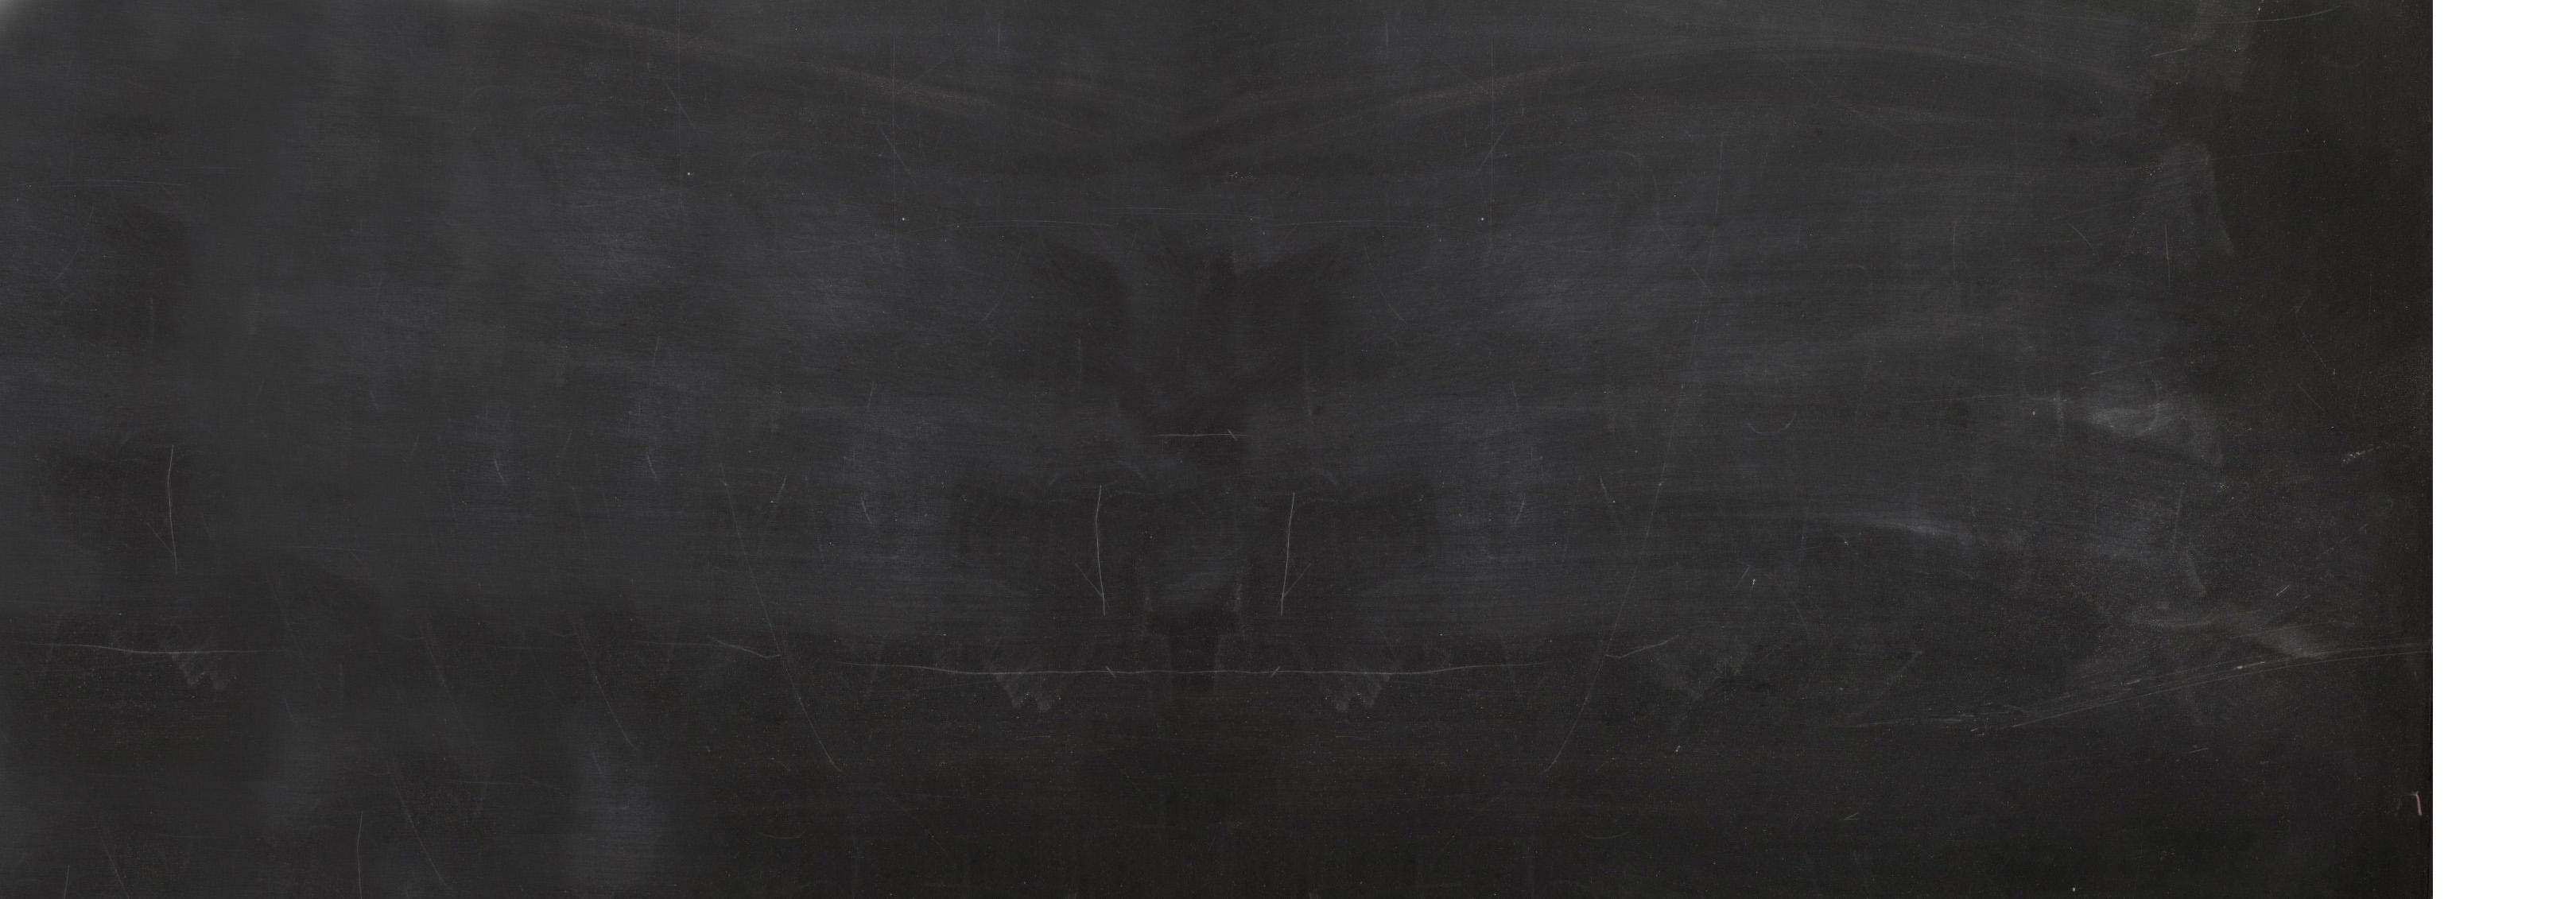 chalkboard wallpaper8 - photo #41